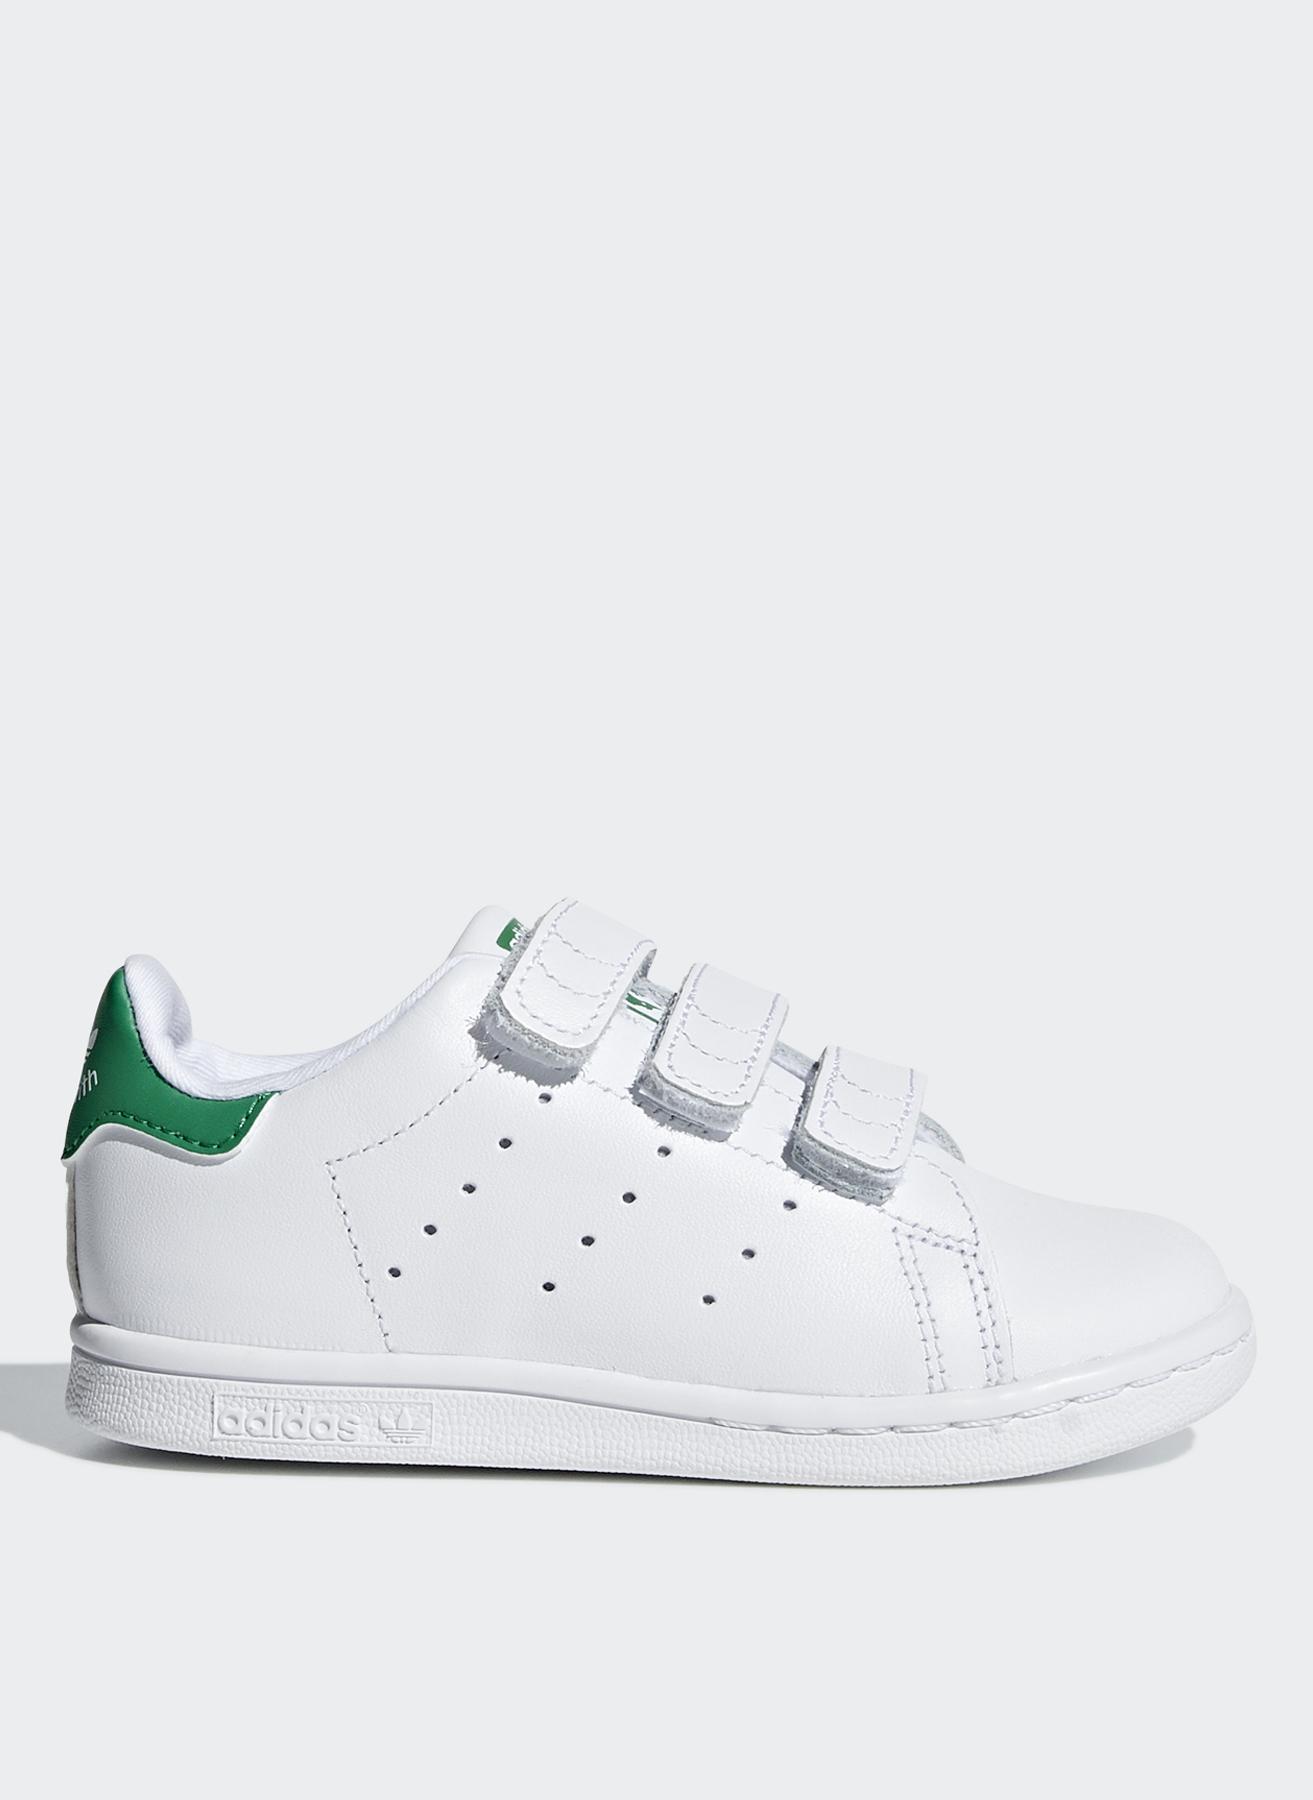 c9664a7c865af 26.5 Erkek Beyaz - Yeşil adidas Yürüyüş Ayakkabısı 5002356093001 & Çanta  Çocuk Ayakkabıları Antrenman